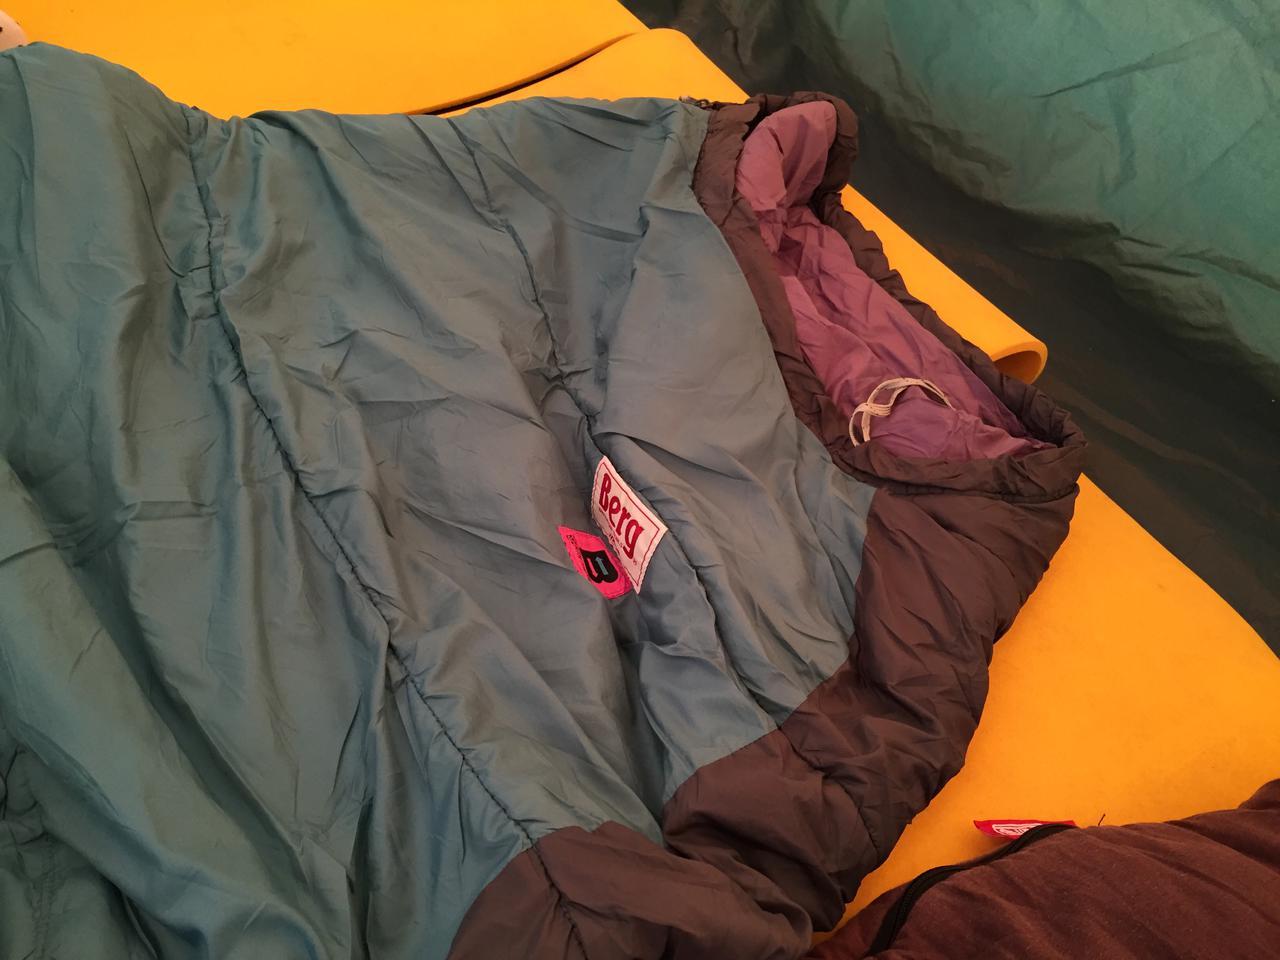 画像: テントやストーブだけじゃなく、シュラフ(寝袋)も重要! 雪中キャンプなら化繊のマミー型を選ぼう